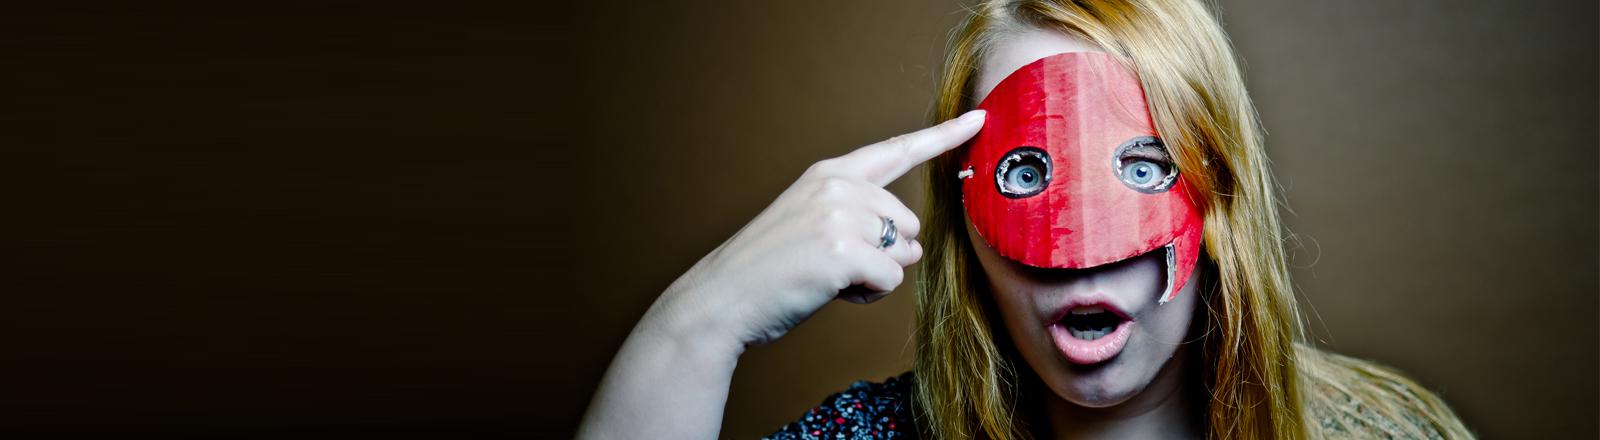 Eine Frau mit Sprechblasenmaske zeigt den Vogel.